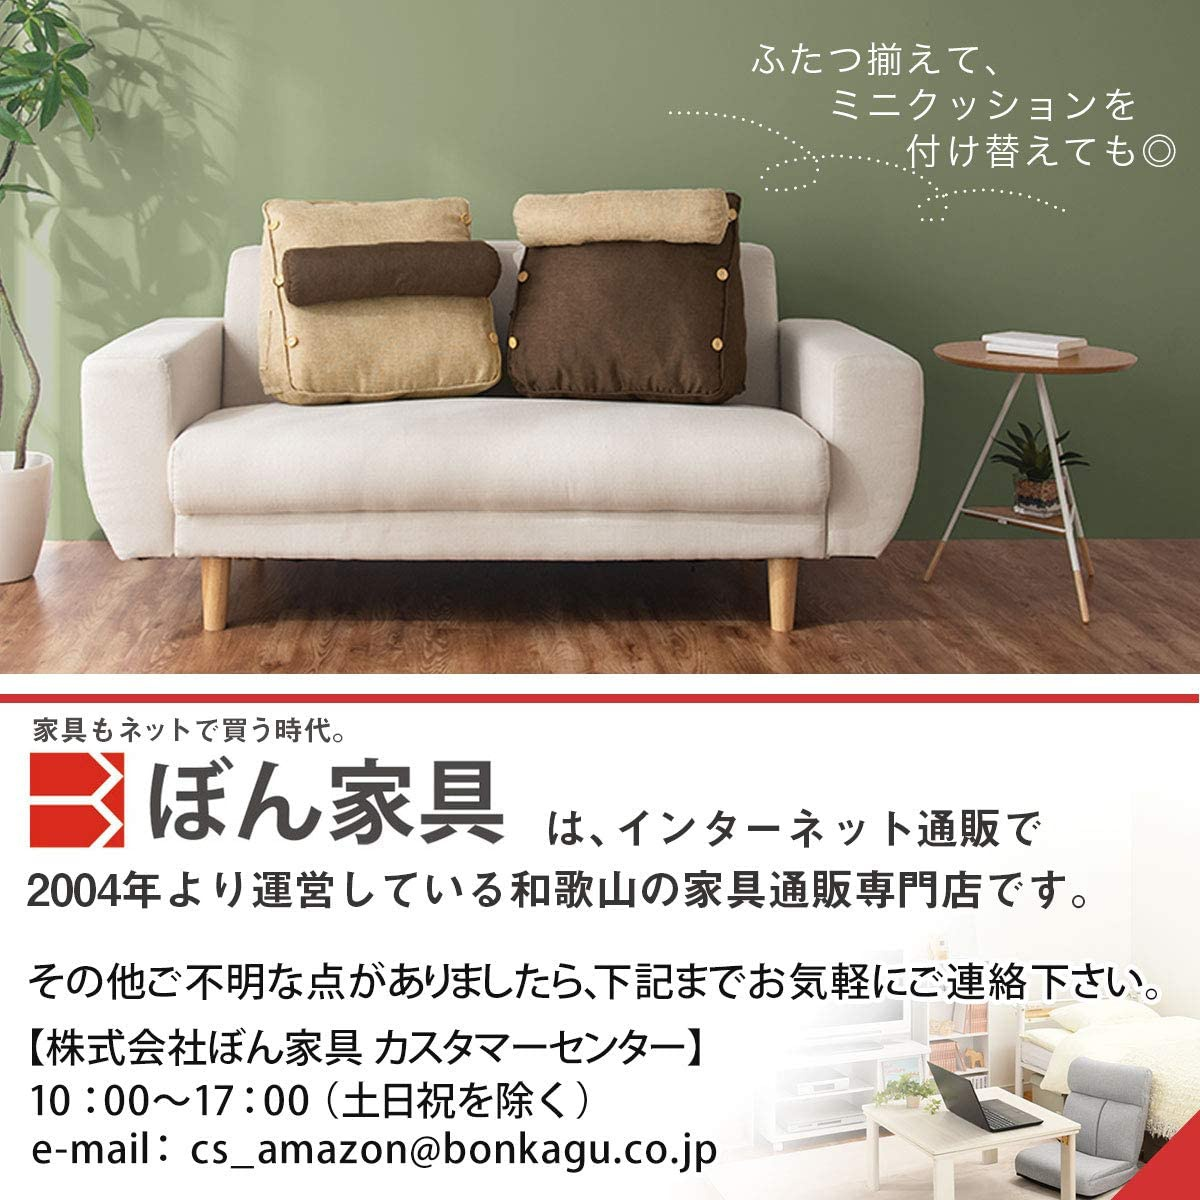 ぼん家具 三角クッションの商品画像7